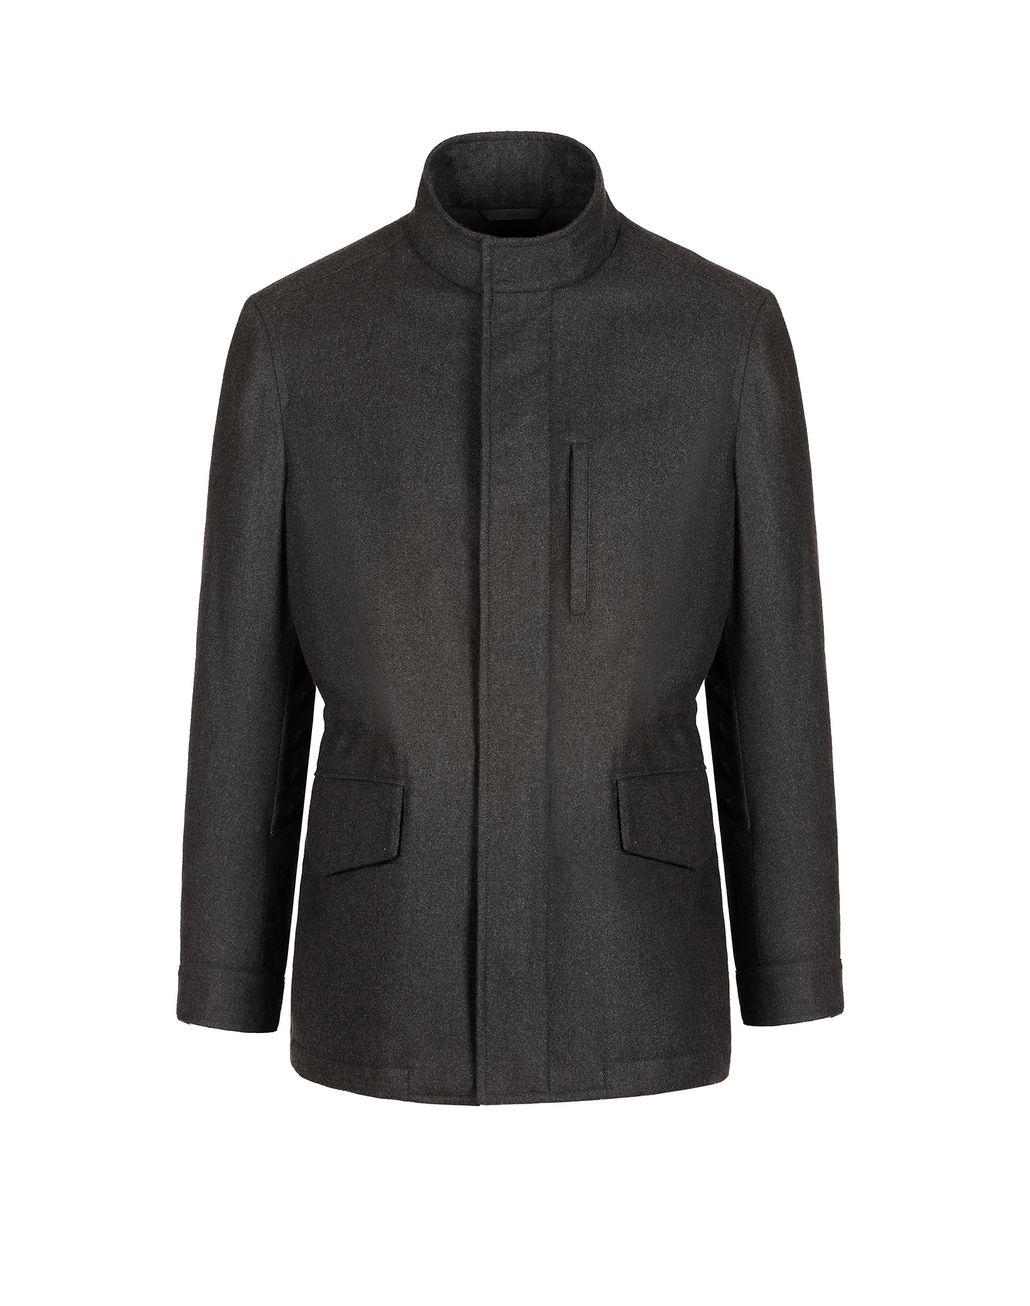 BRIONI Полевая куртка антрацитового цвета Пальто и плащи Для Мужчин f